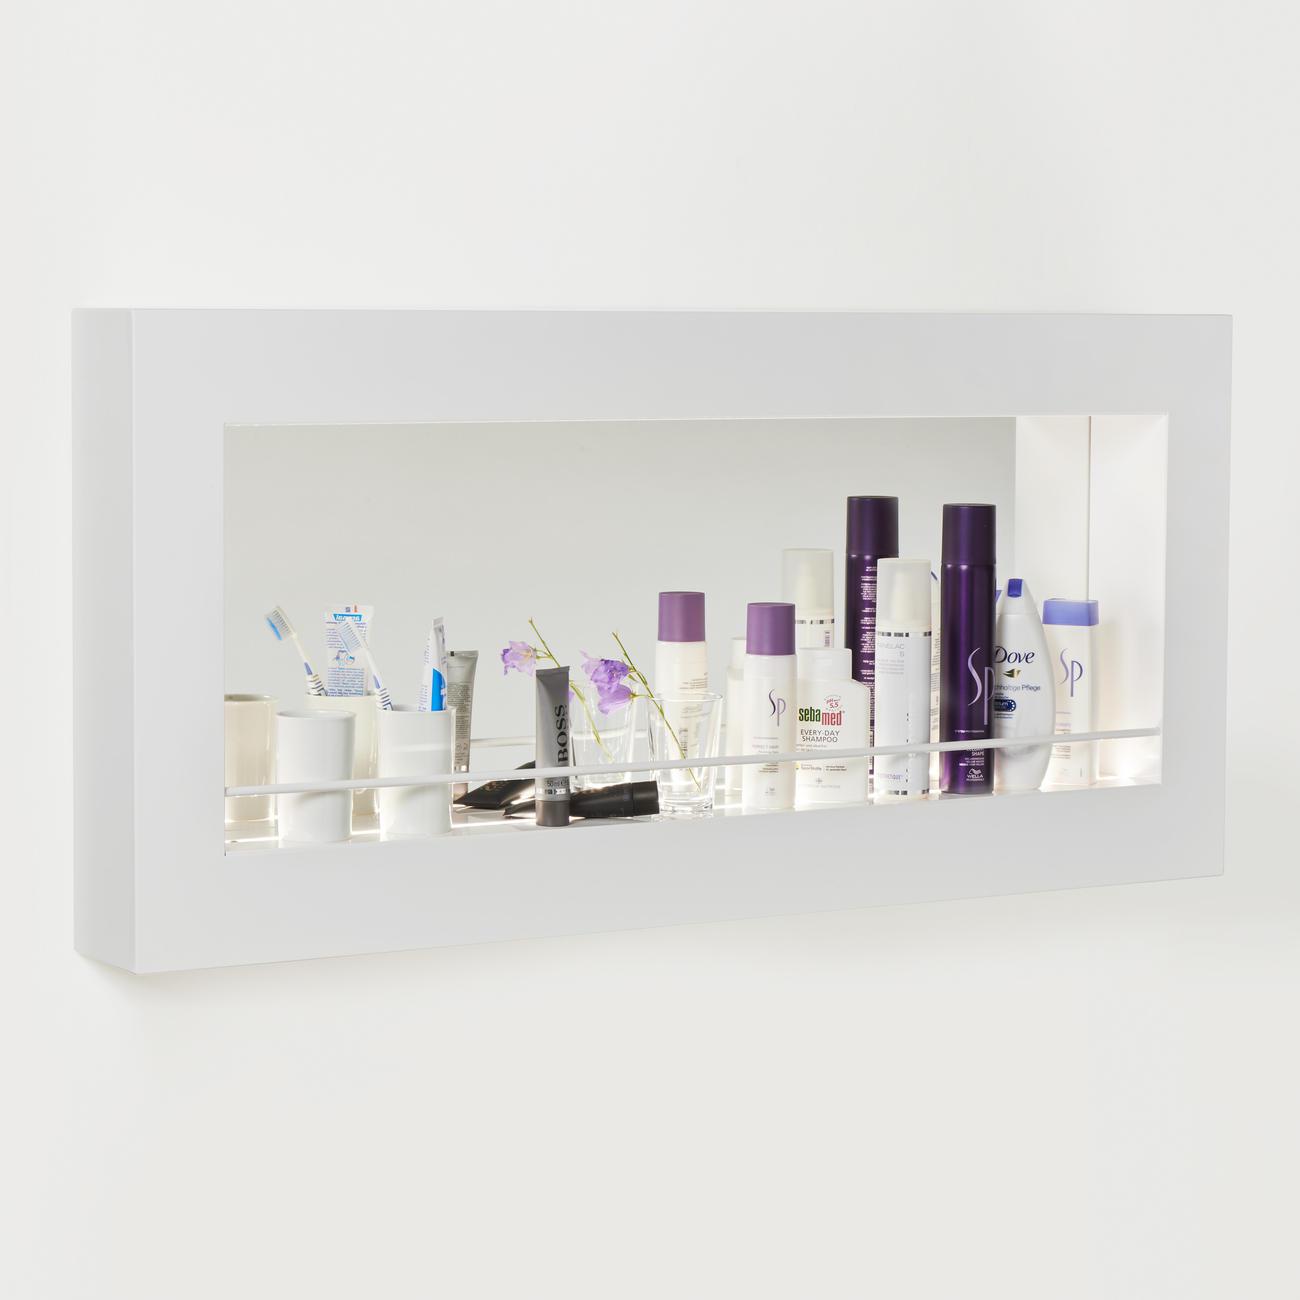 Led spiegel regal 3 jahre garantie pro idee - Spiegel mit regal ...